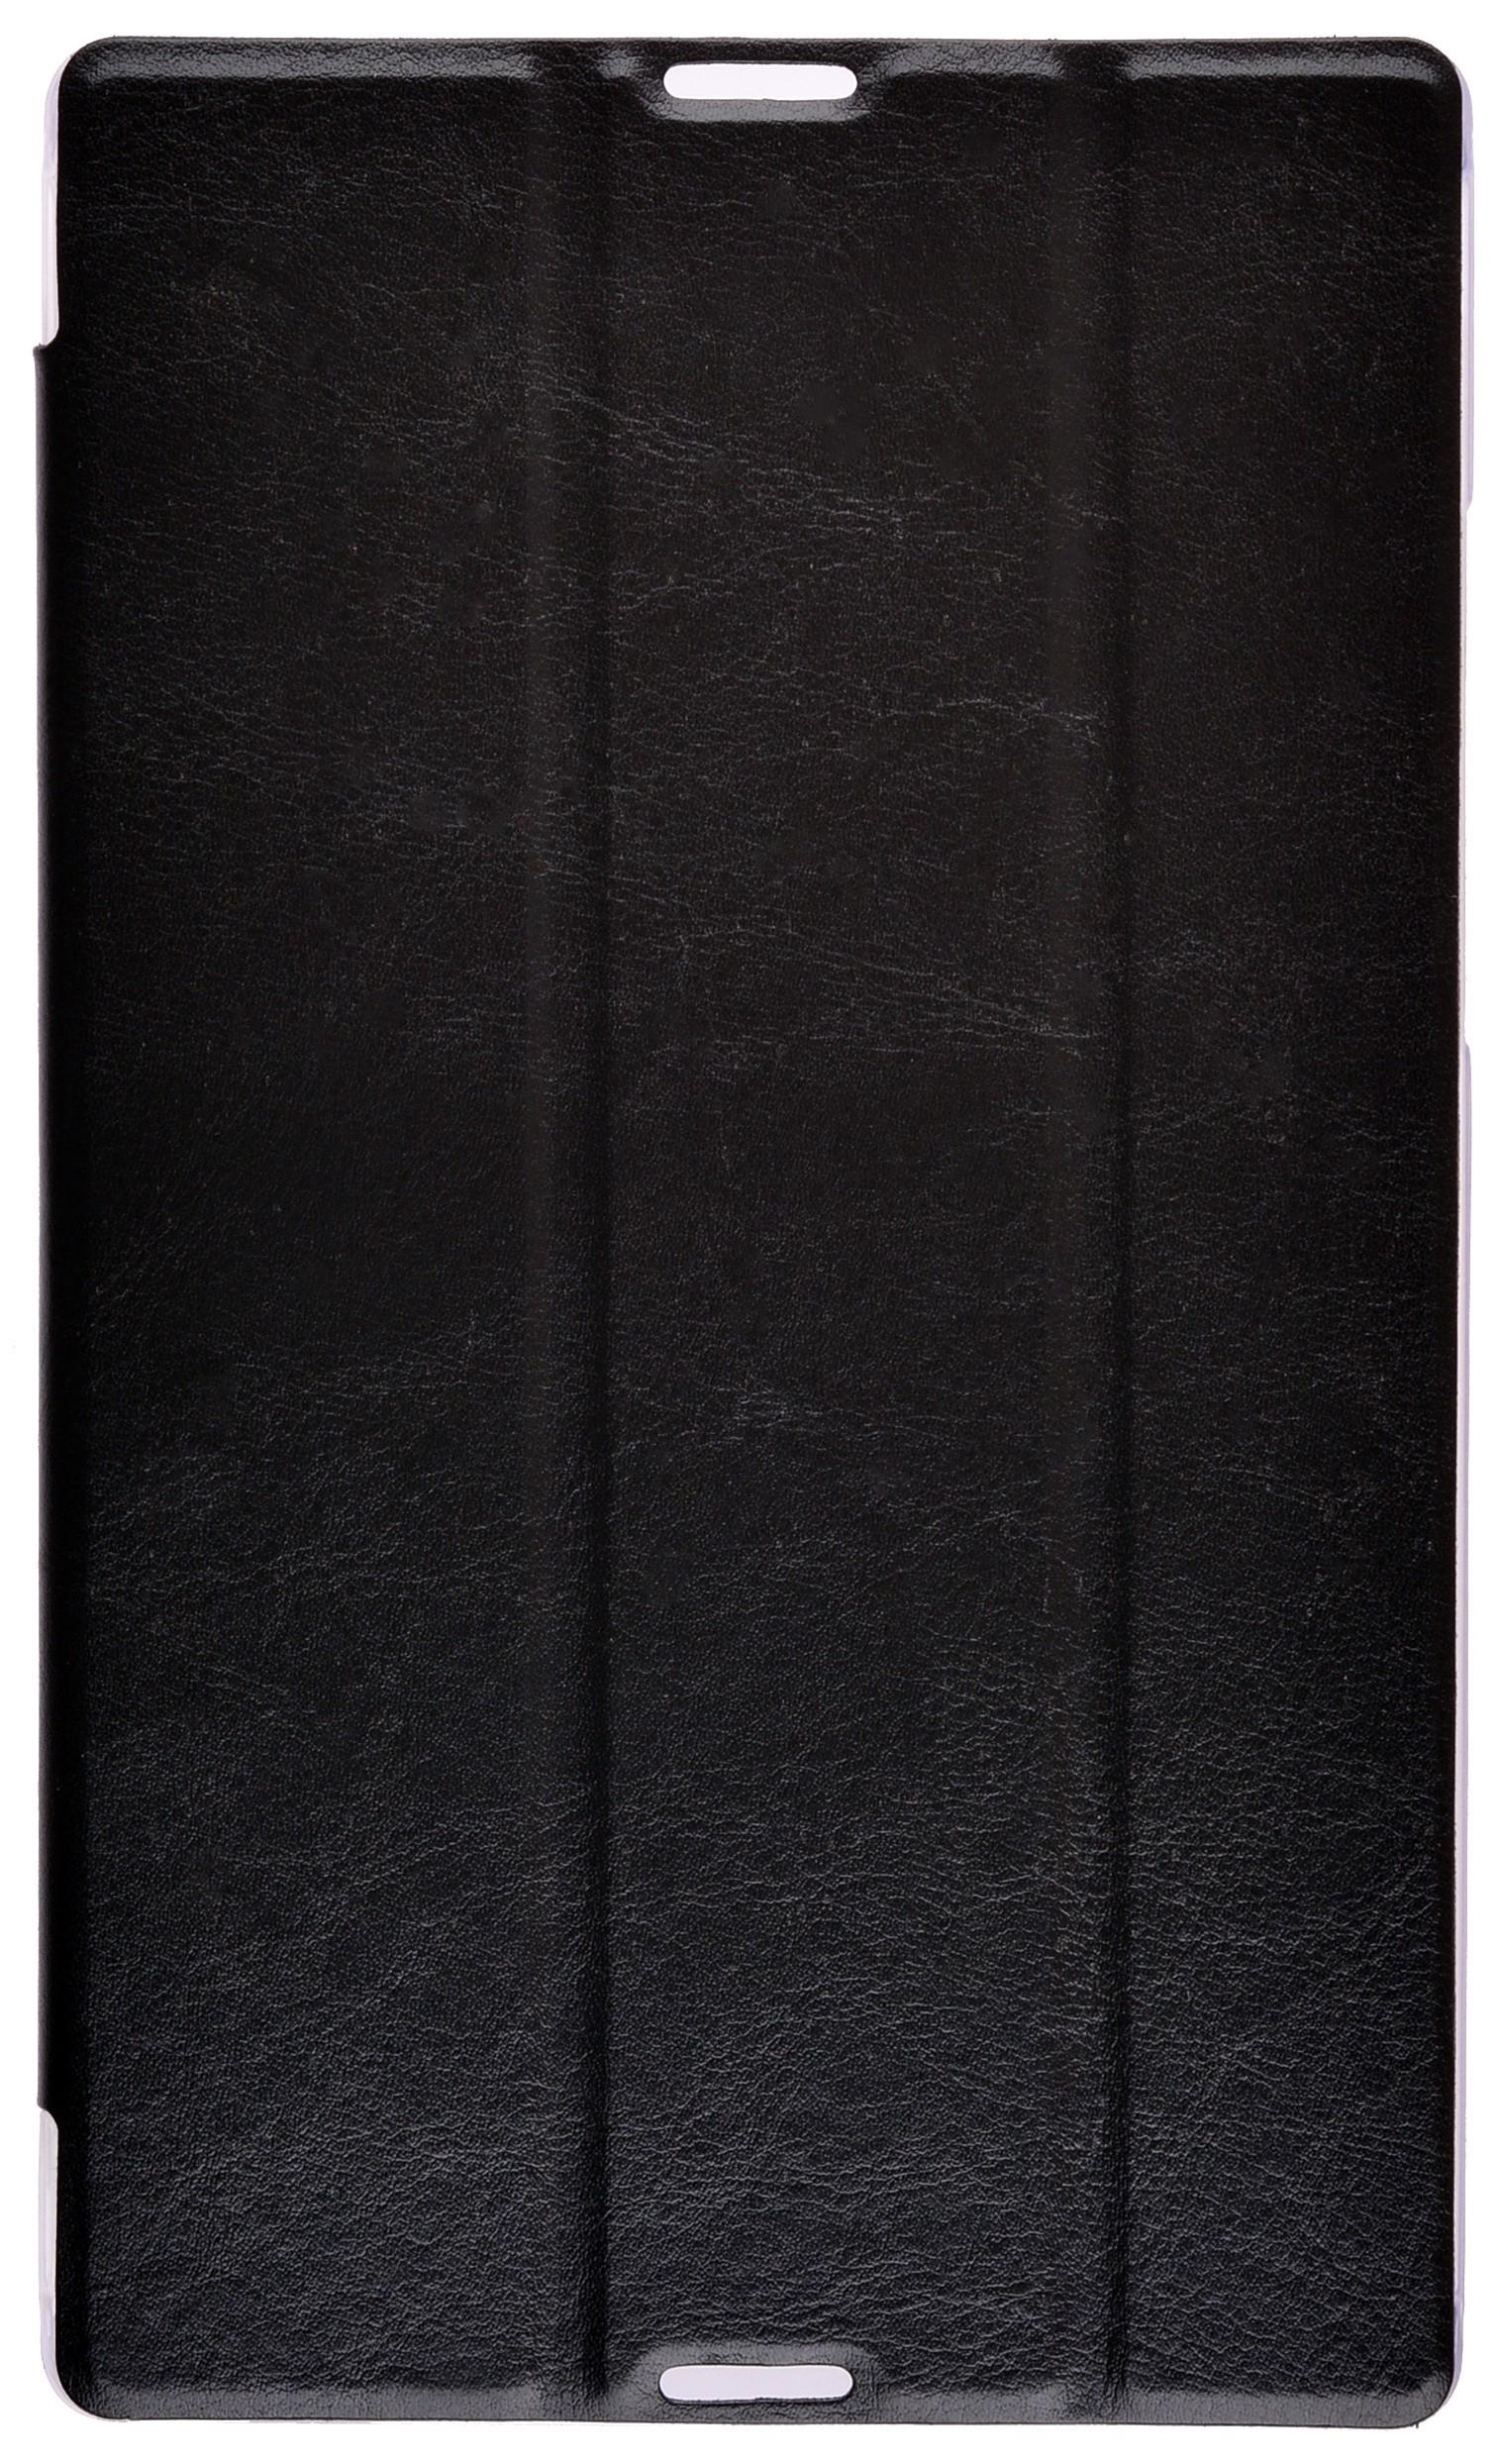 Чехол для планшета ProShield Smart, 4630042528550, черный